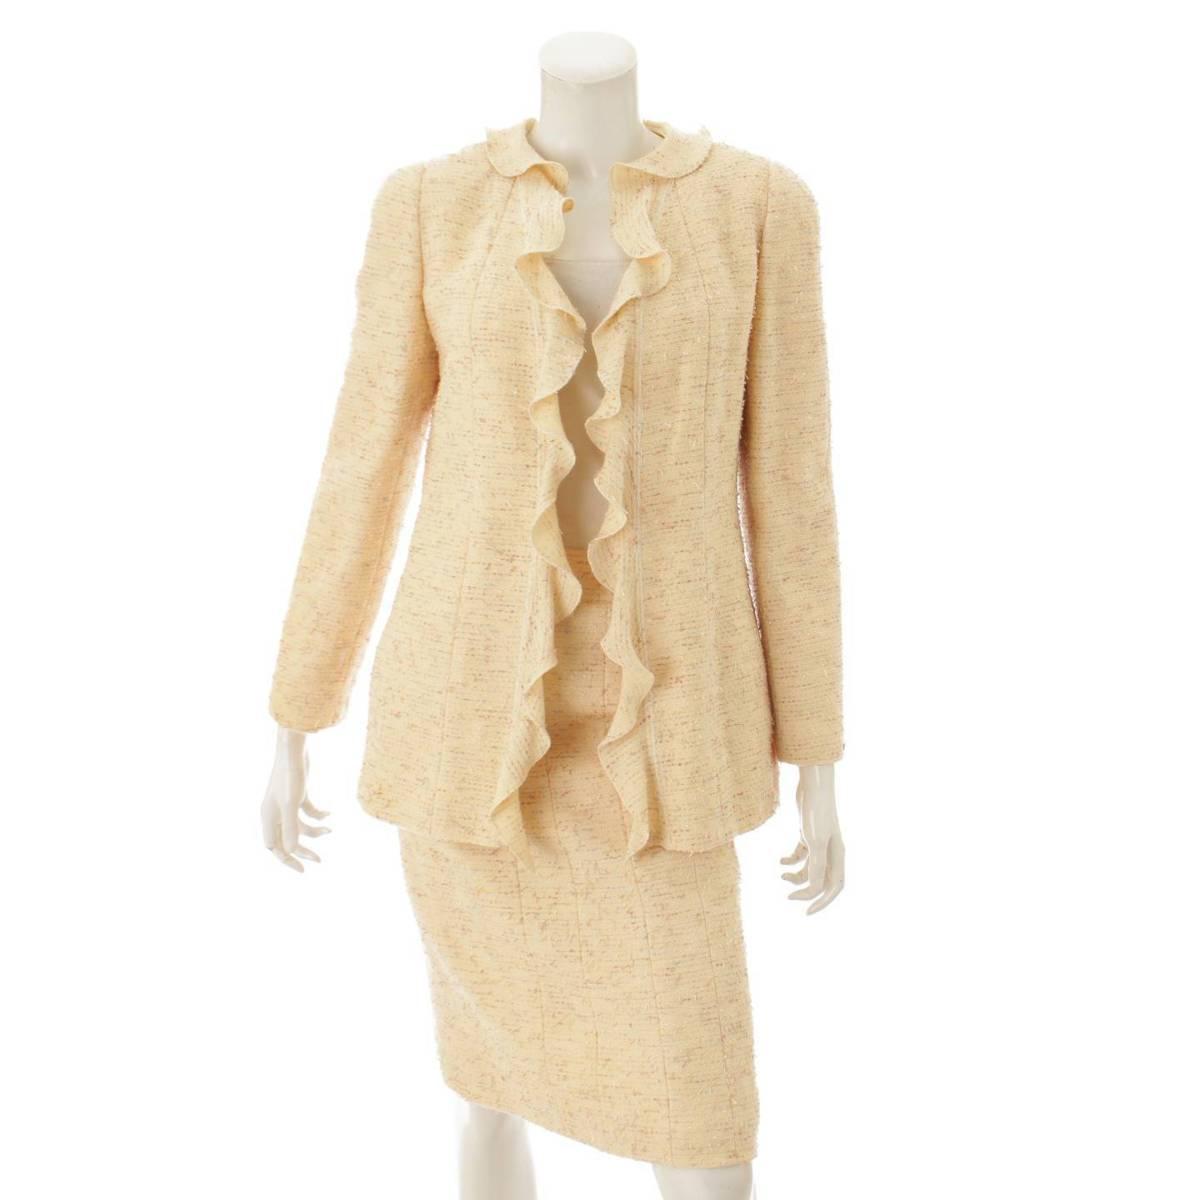 【シャネル】Chanel 99A ツイード ジャケット スカート スーツ セット P14314 アイボリー 38 【中古】【鑑定済・正規品保証】82978